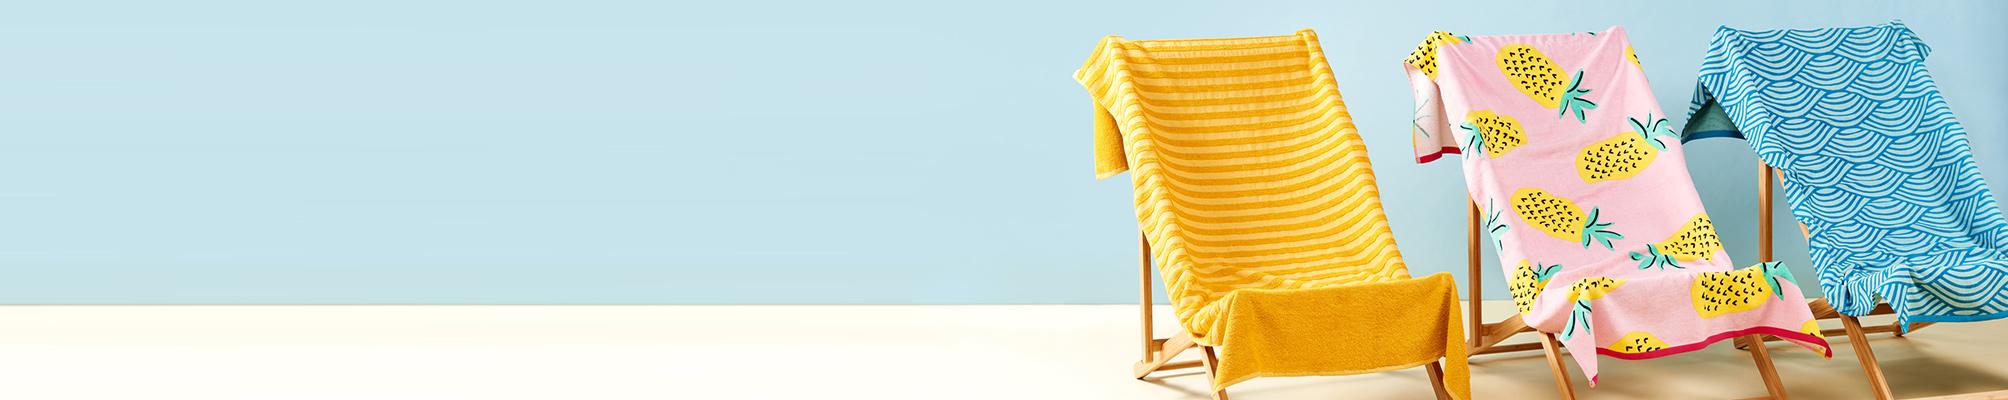 Sonne, Strand und Schwimmbad